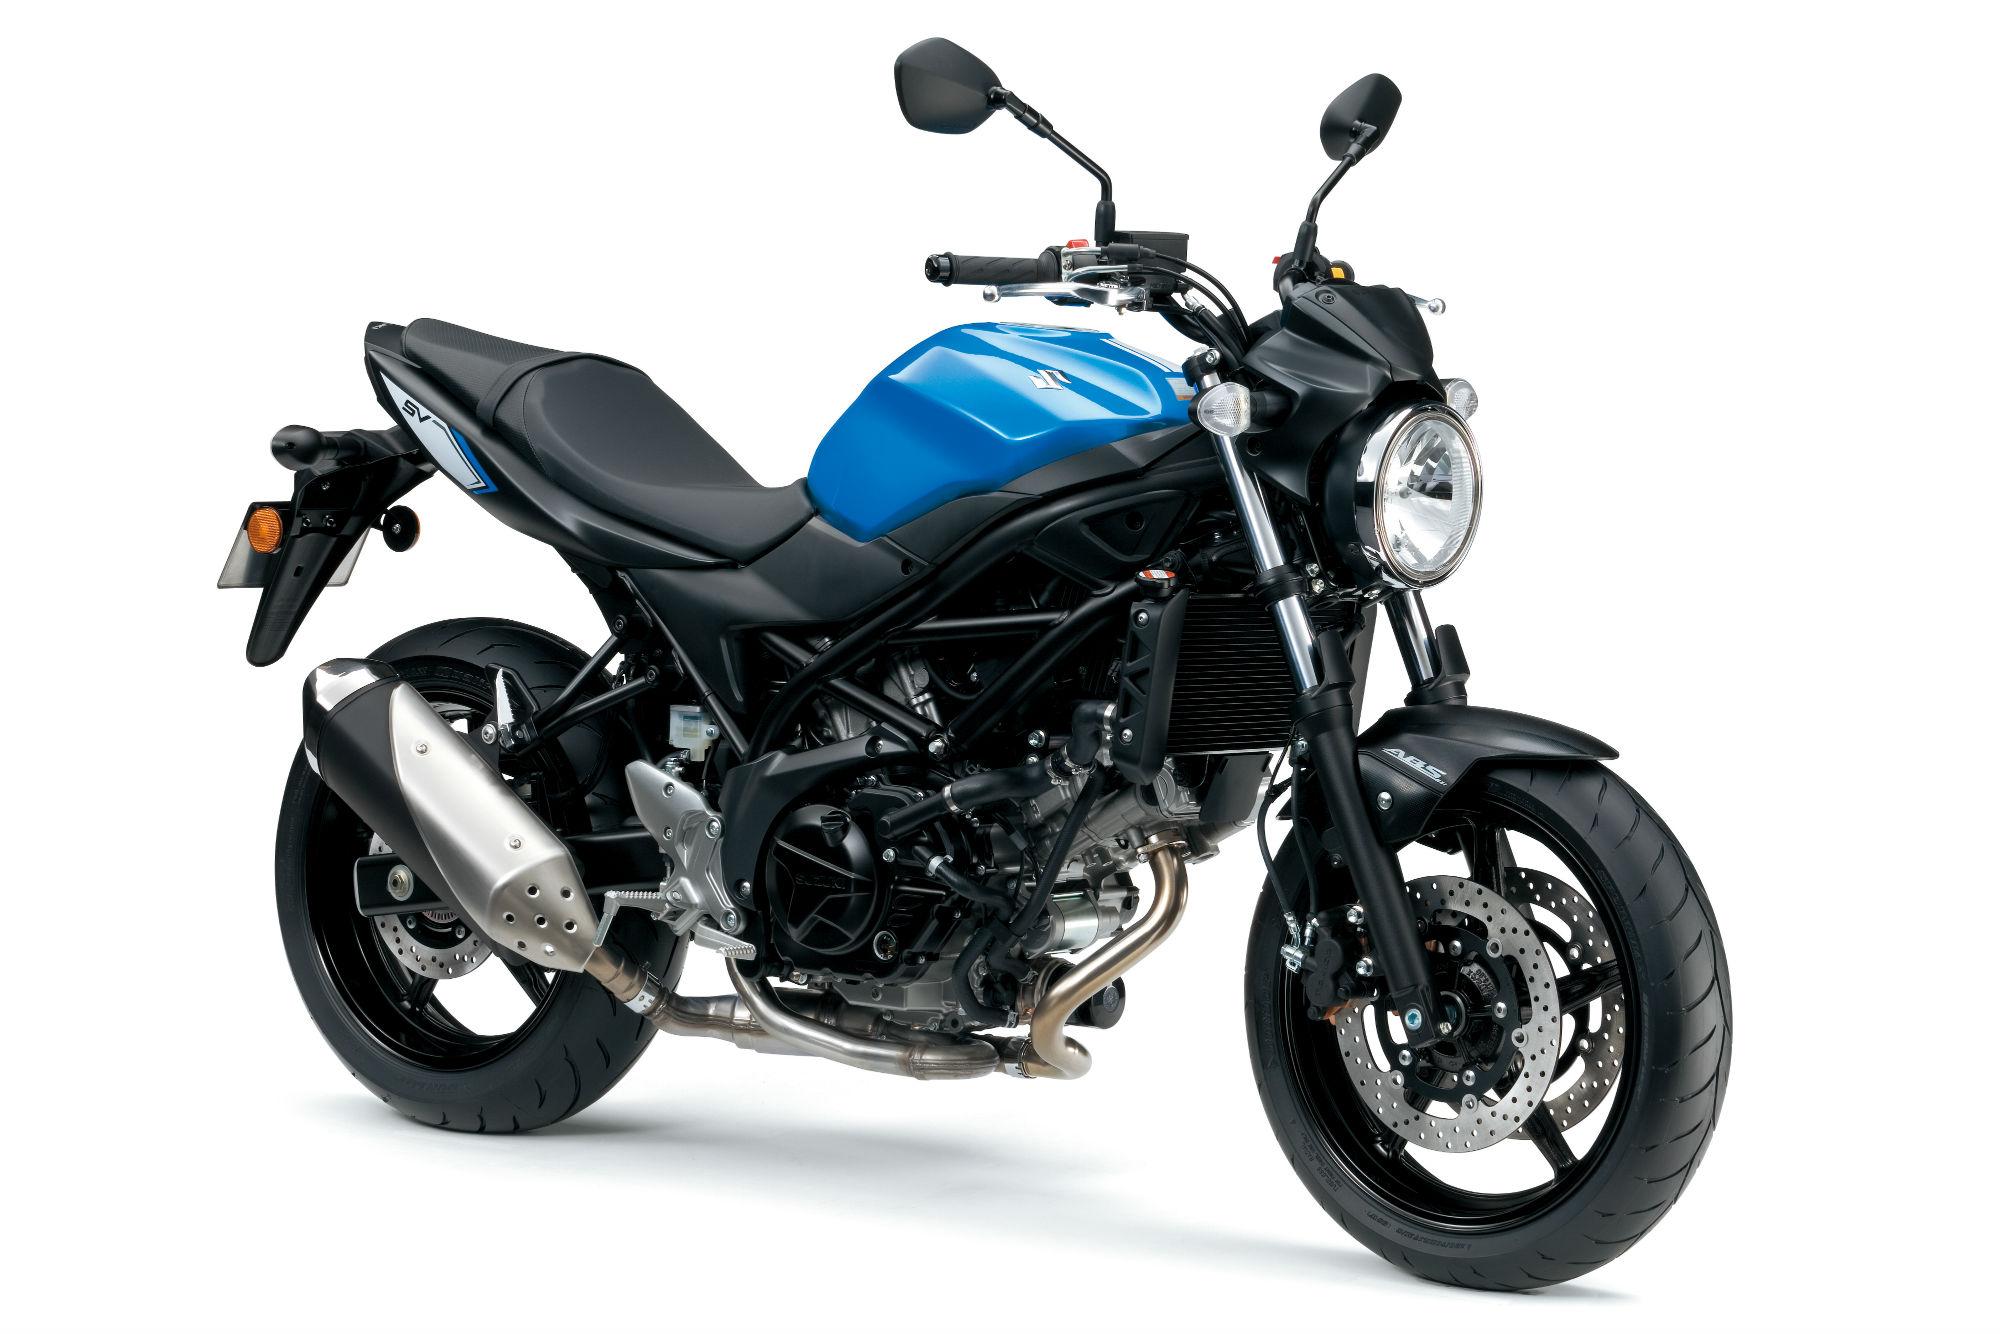 New Suzuki Sv650 Visordown